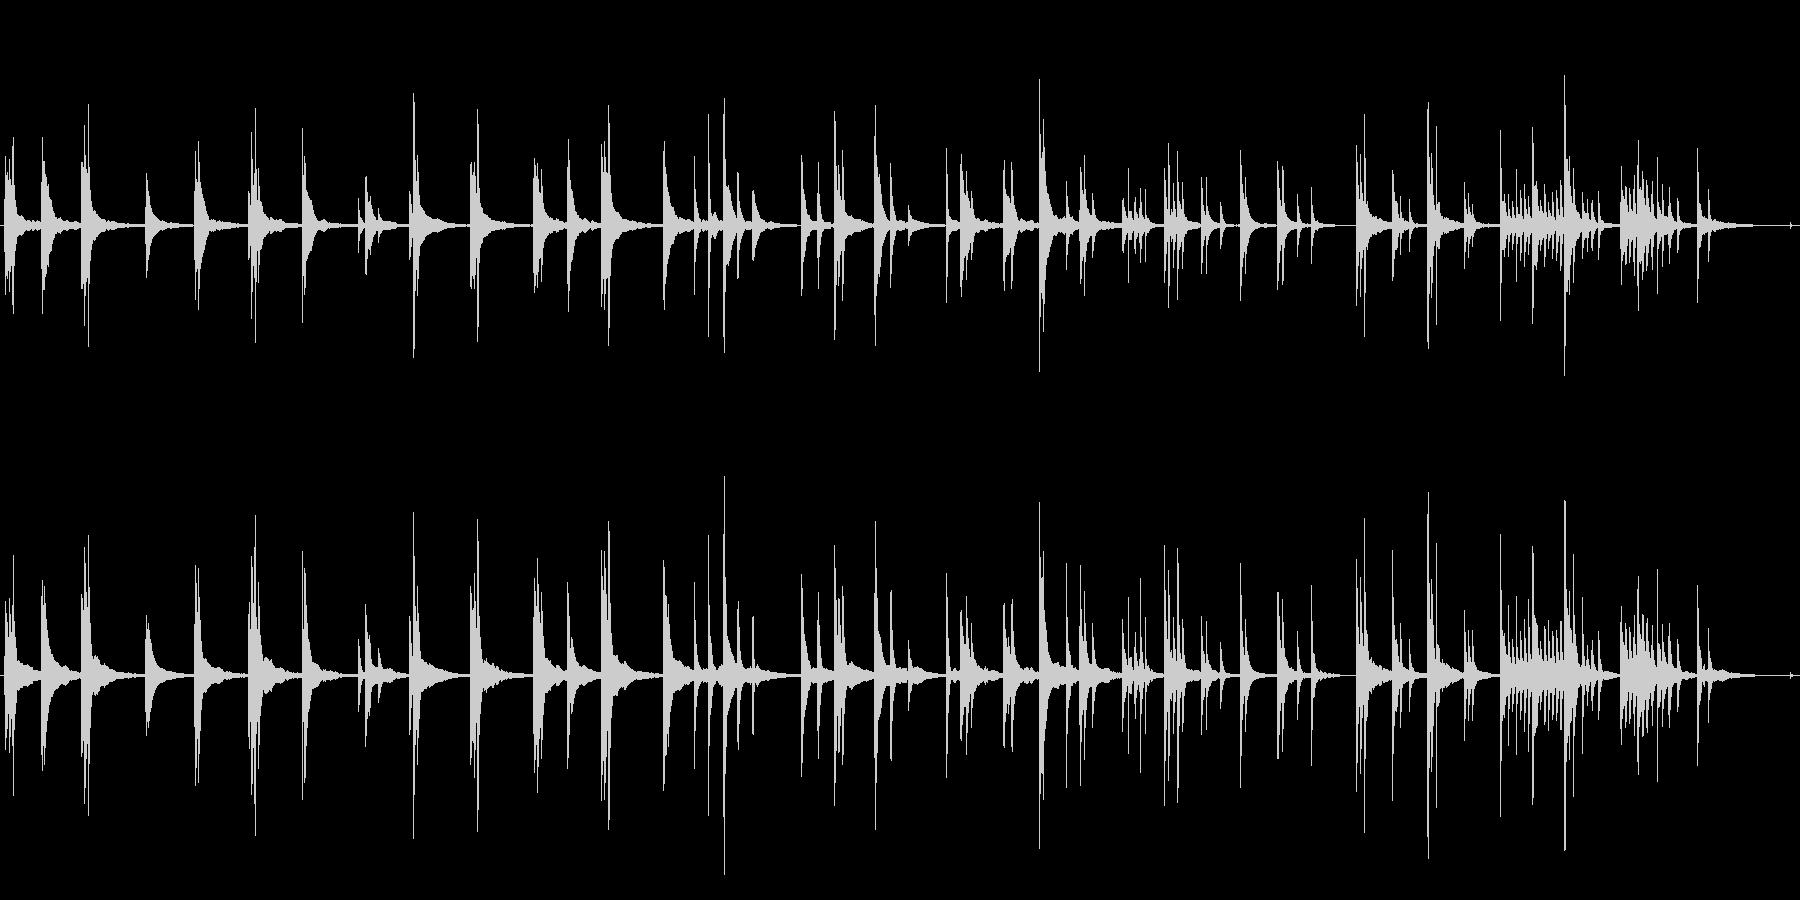 宴の後 子供のような寝顔 ■ ピアノソロの未再生の波形